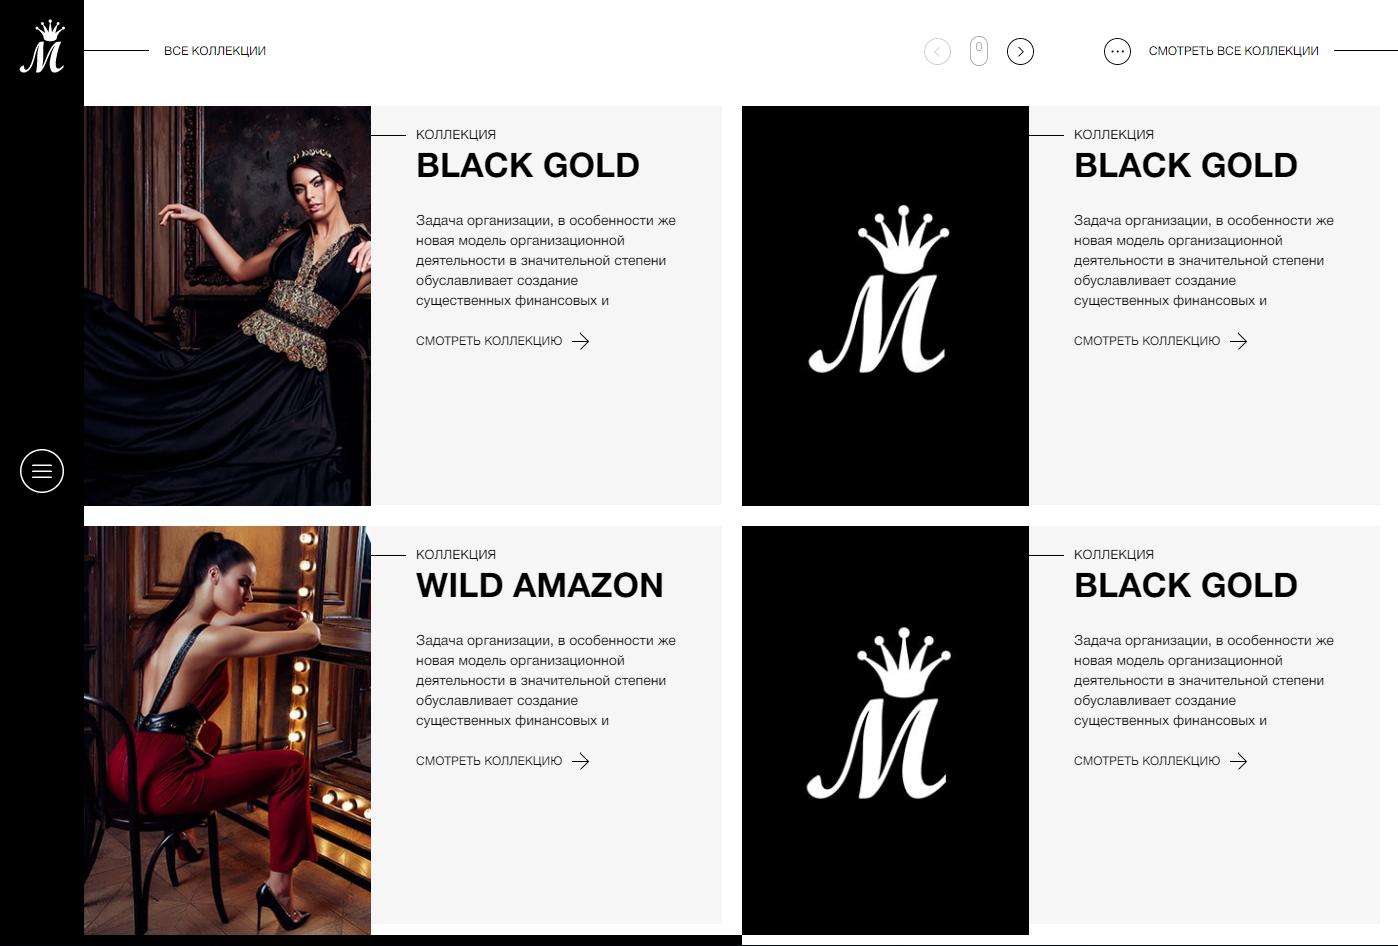 Верстка | Дизайн интернет-магазина